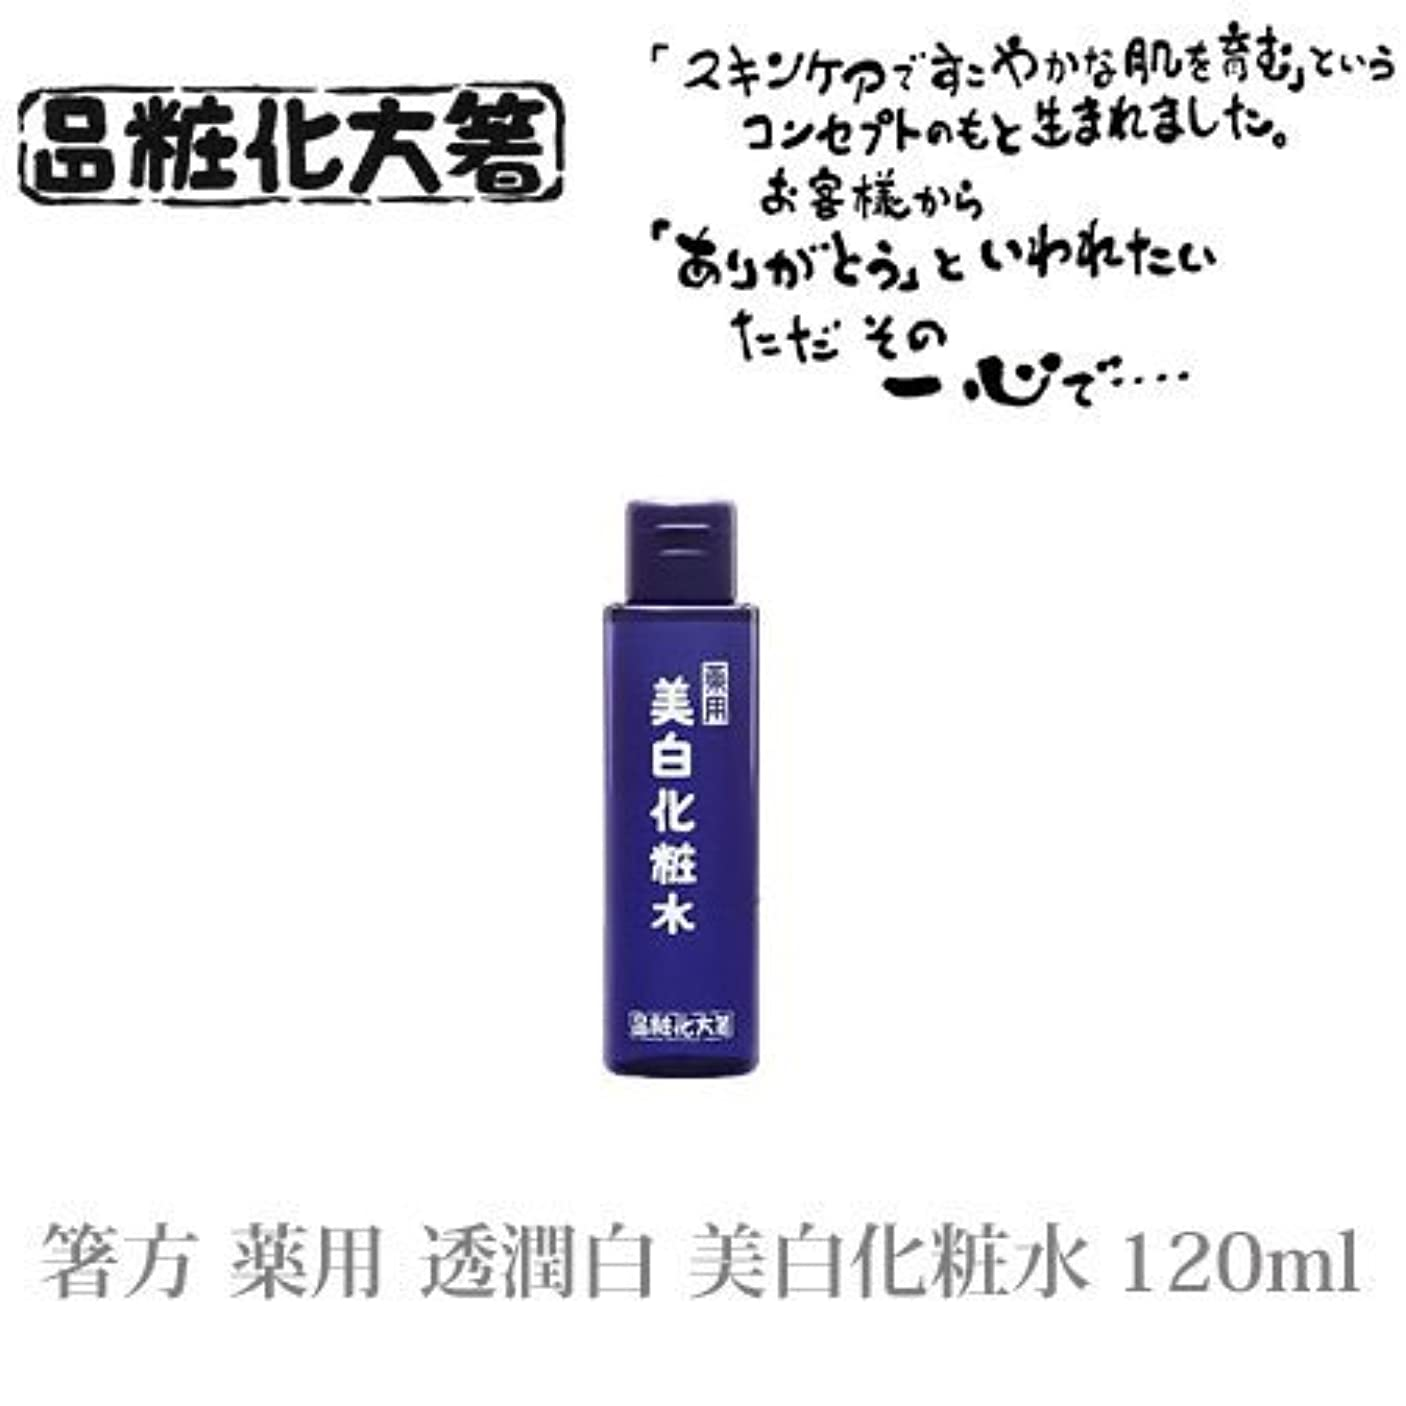 準備パーチナシティ対処する箸方化粧品 薬用 透潤白 美白化粧水 120ml はしかた化粧品